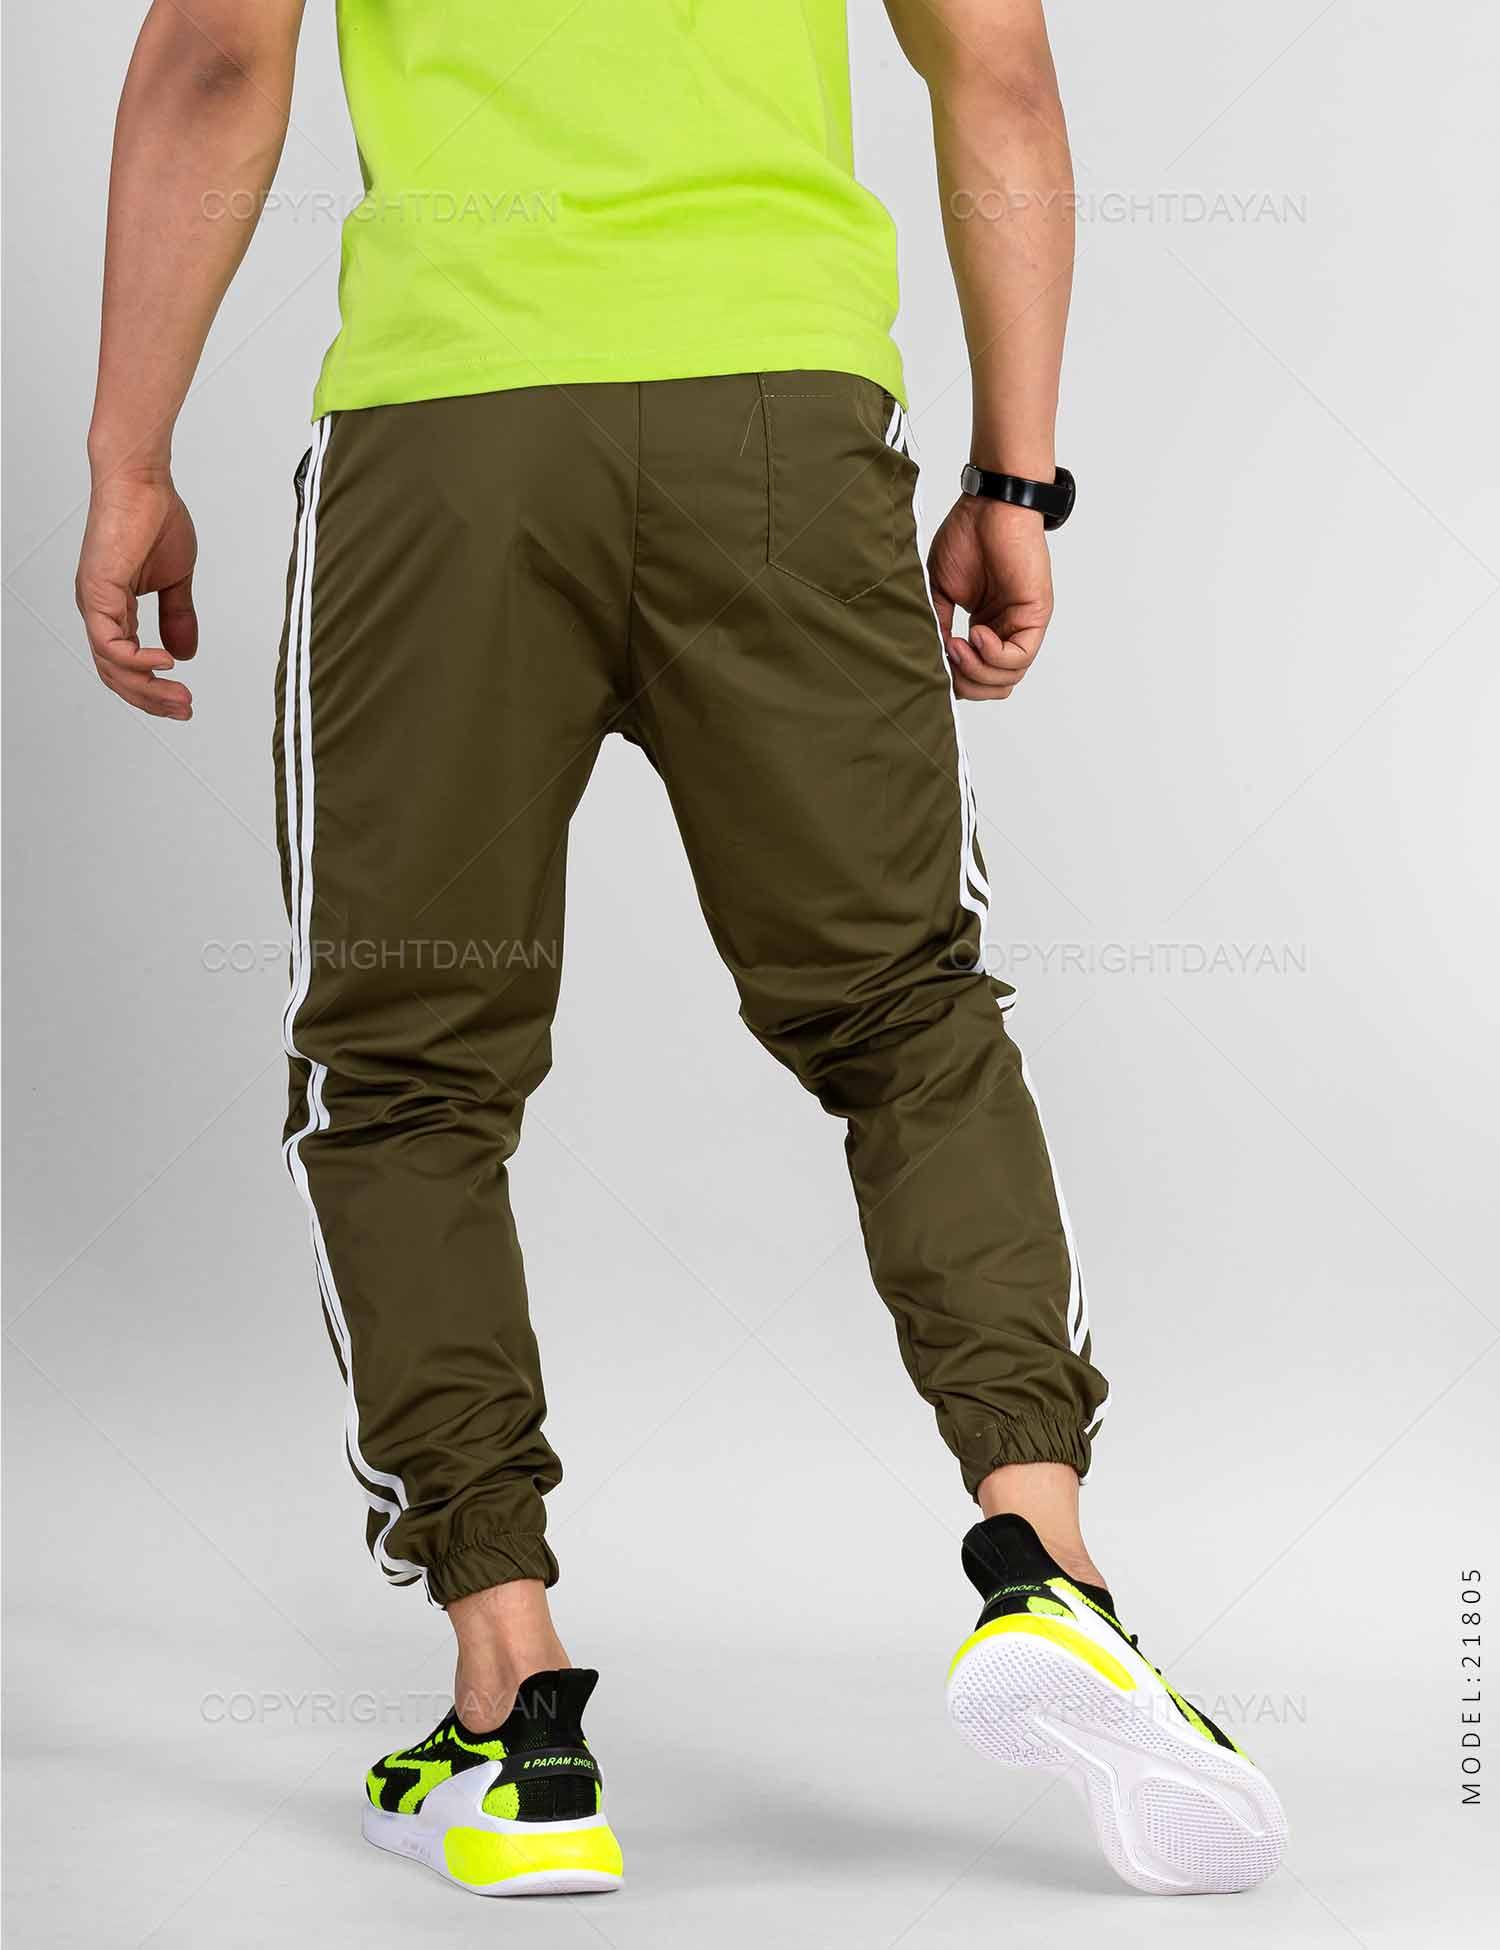 شلوار اسلش مردانه Adidas مدل 21805 شلوار اسلش مردانه Adidas مدل 21805 169,000 تومان